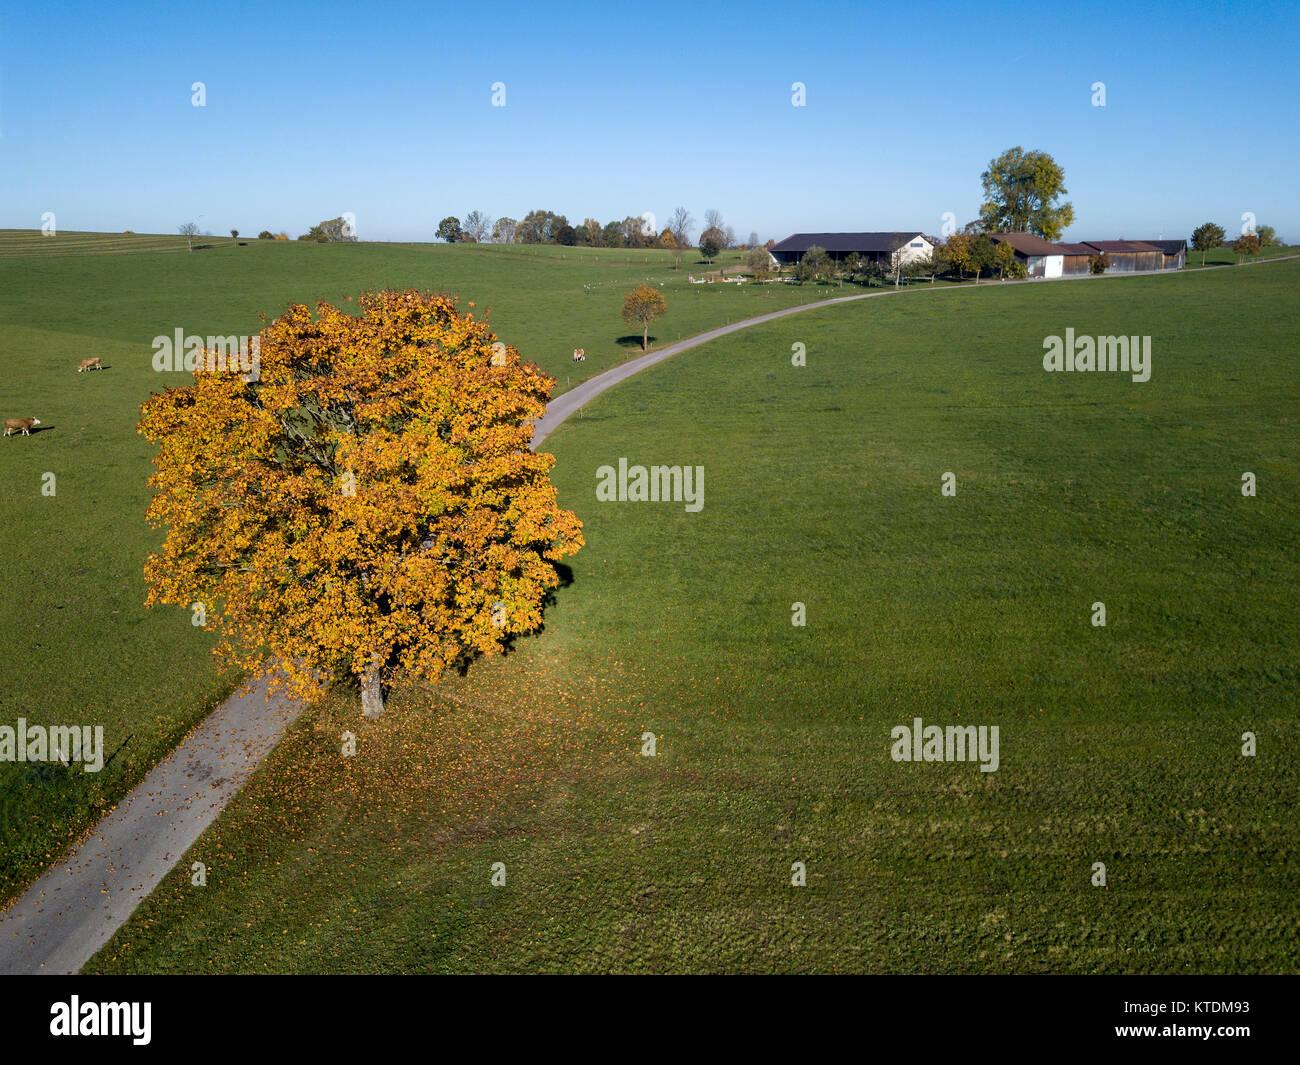 Deutschland, Bayern, Oberbayern, Landsberied, Aussiedlerhof, Landwirtschaft, Bauernhof, Landleben, Herbst, Bäume Immagini Stock